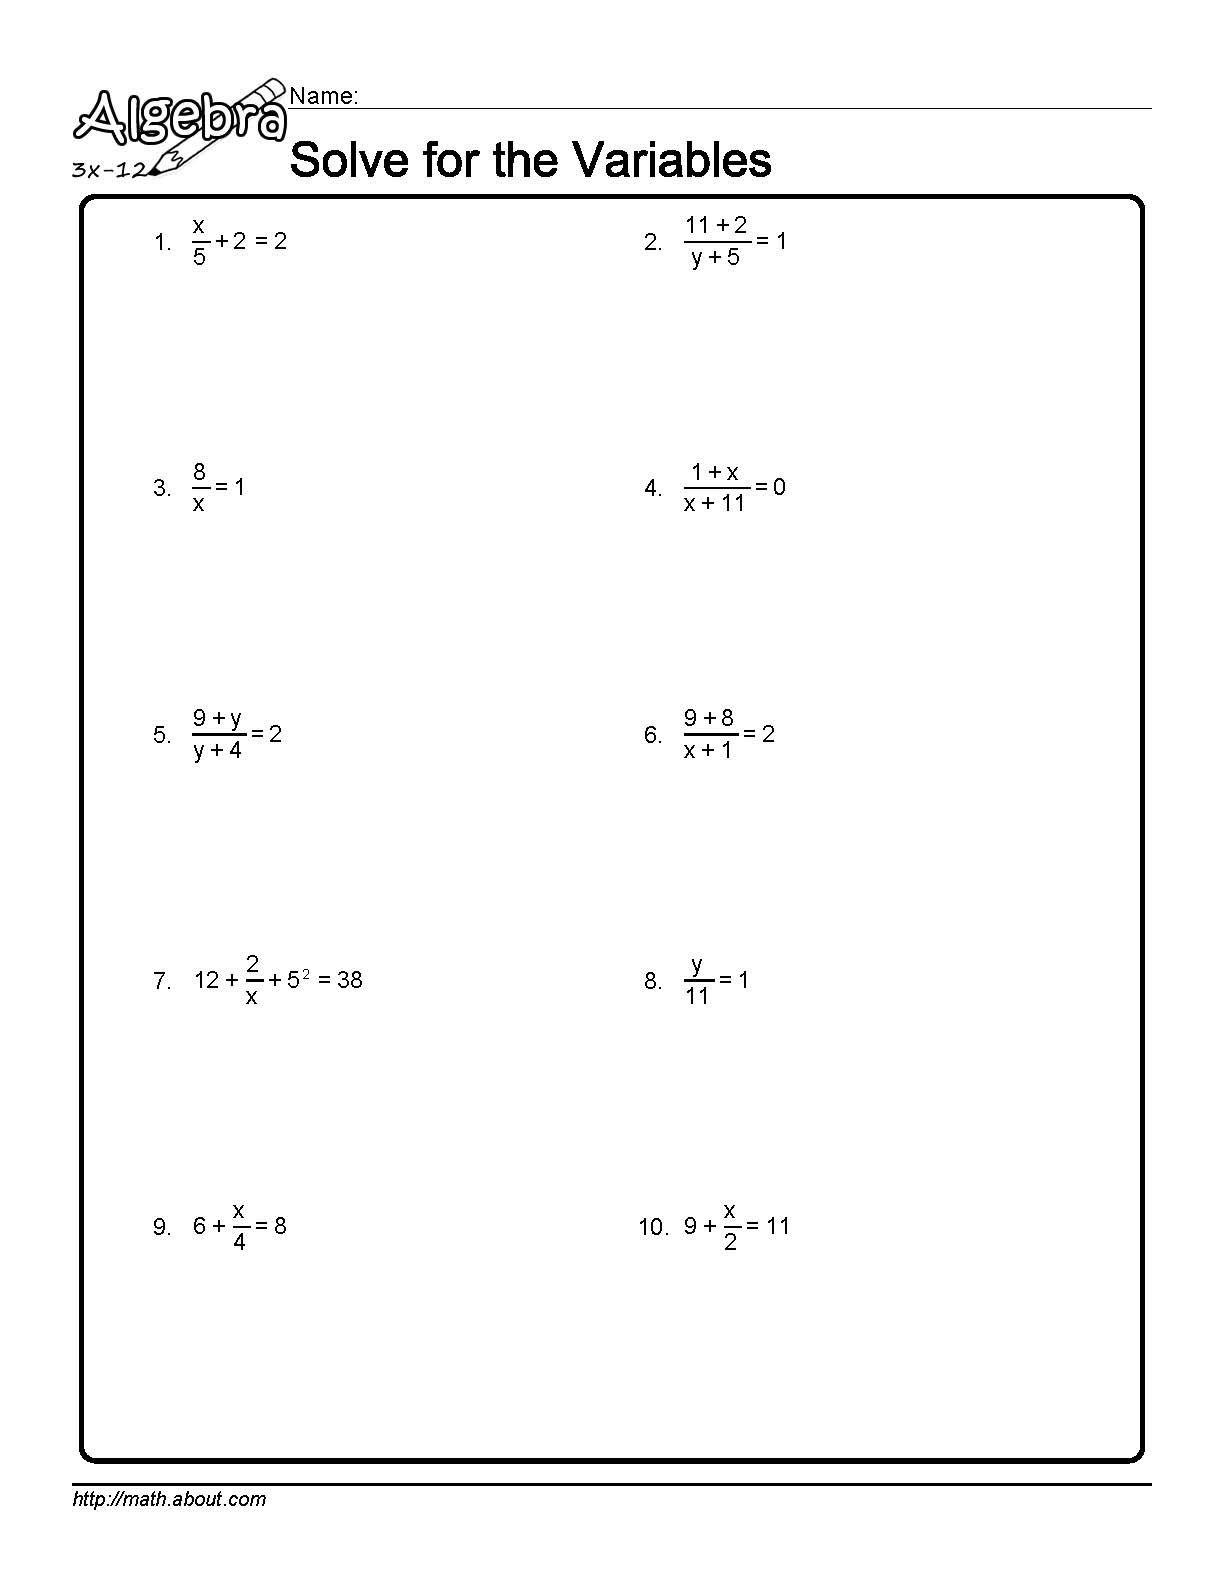 Worksheets Solving For A Variable Worksheet solve for the variables worksheet 1 of 10